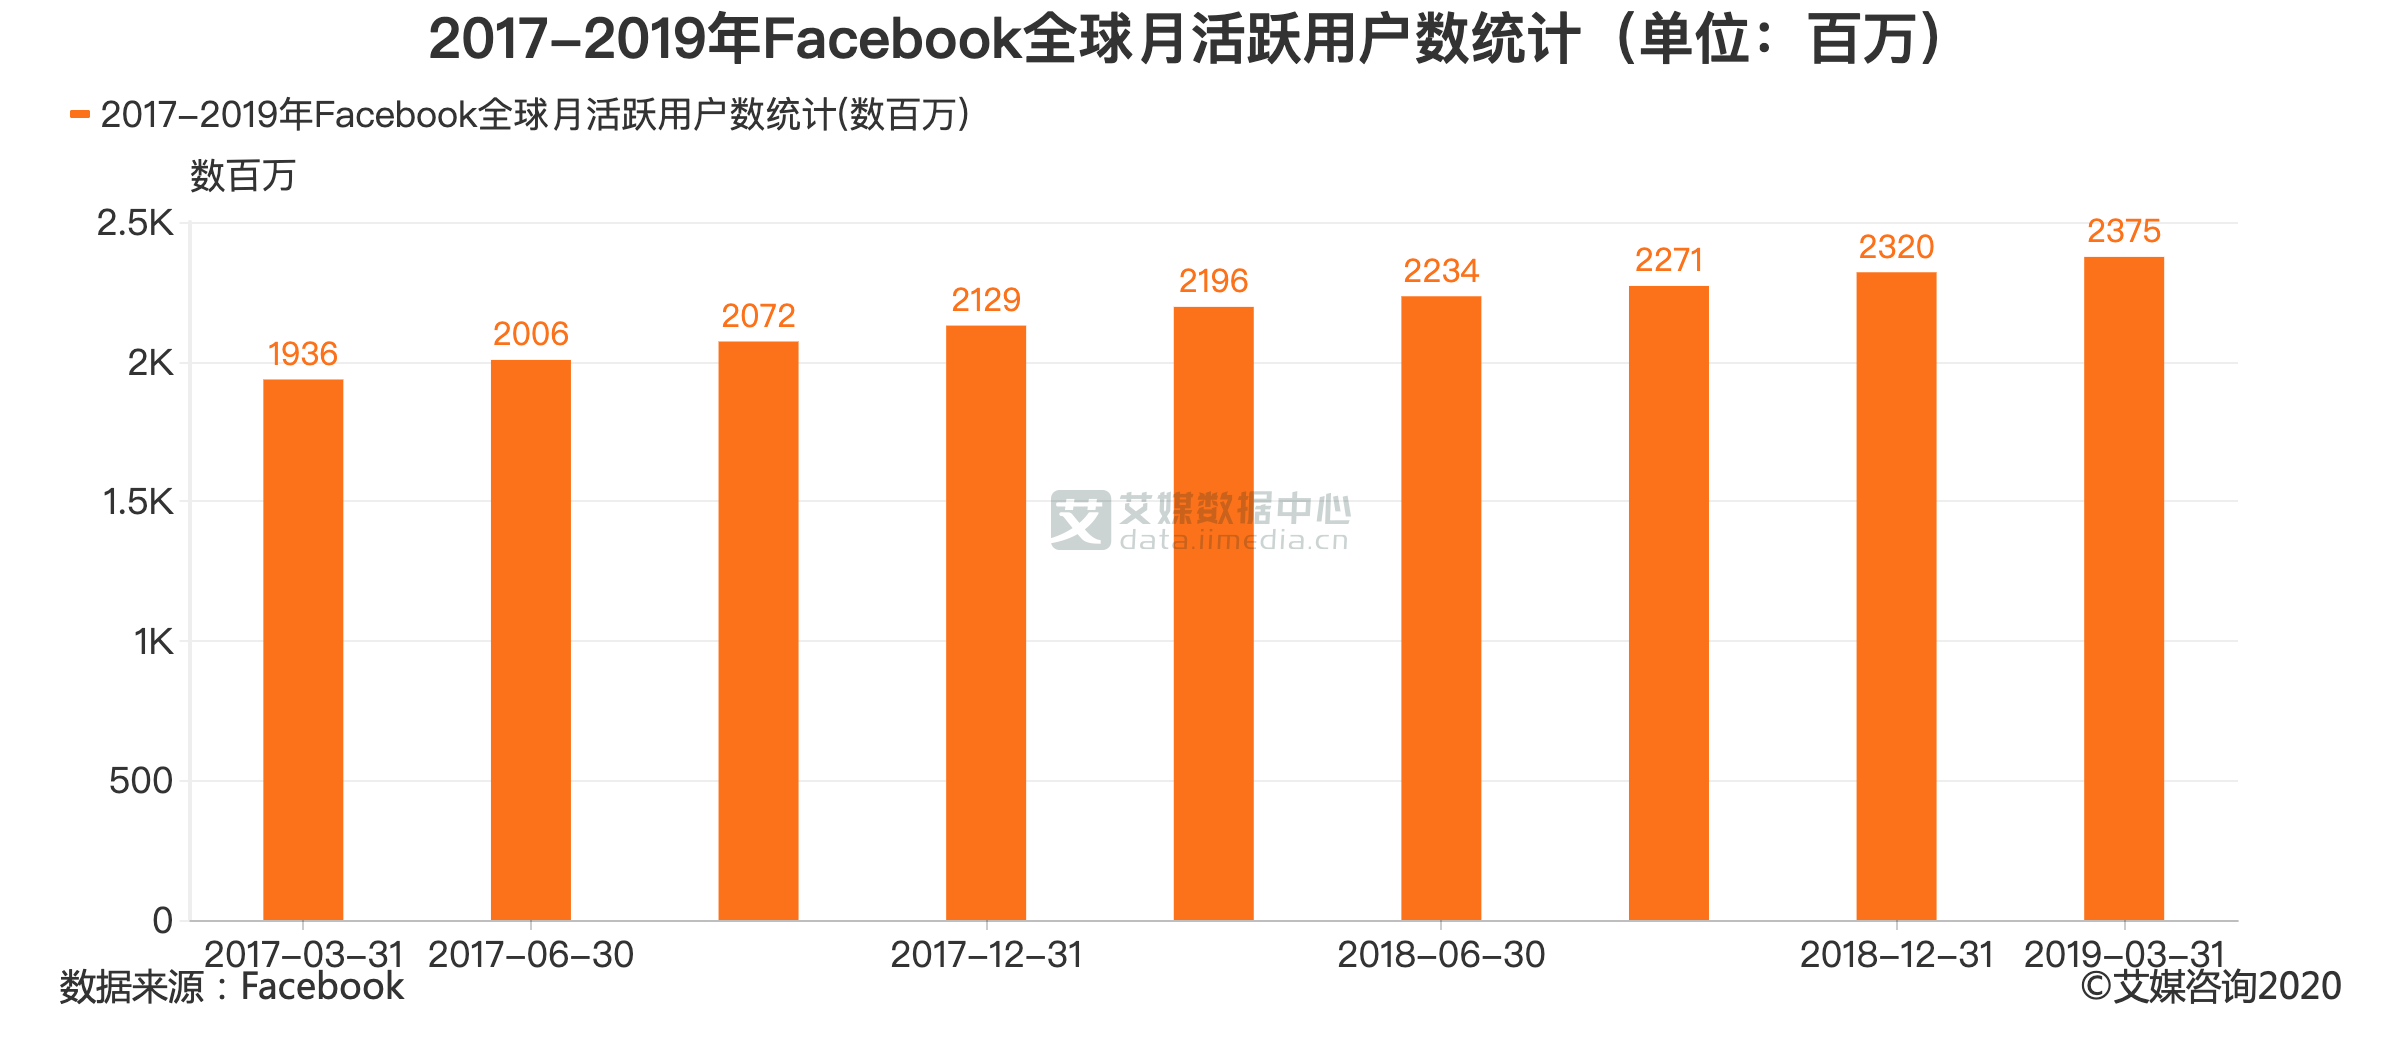 2017-2019年Facebook全球月活跃用户数统计(单位:百万)